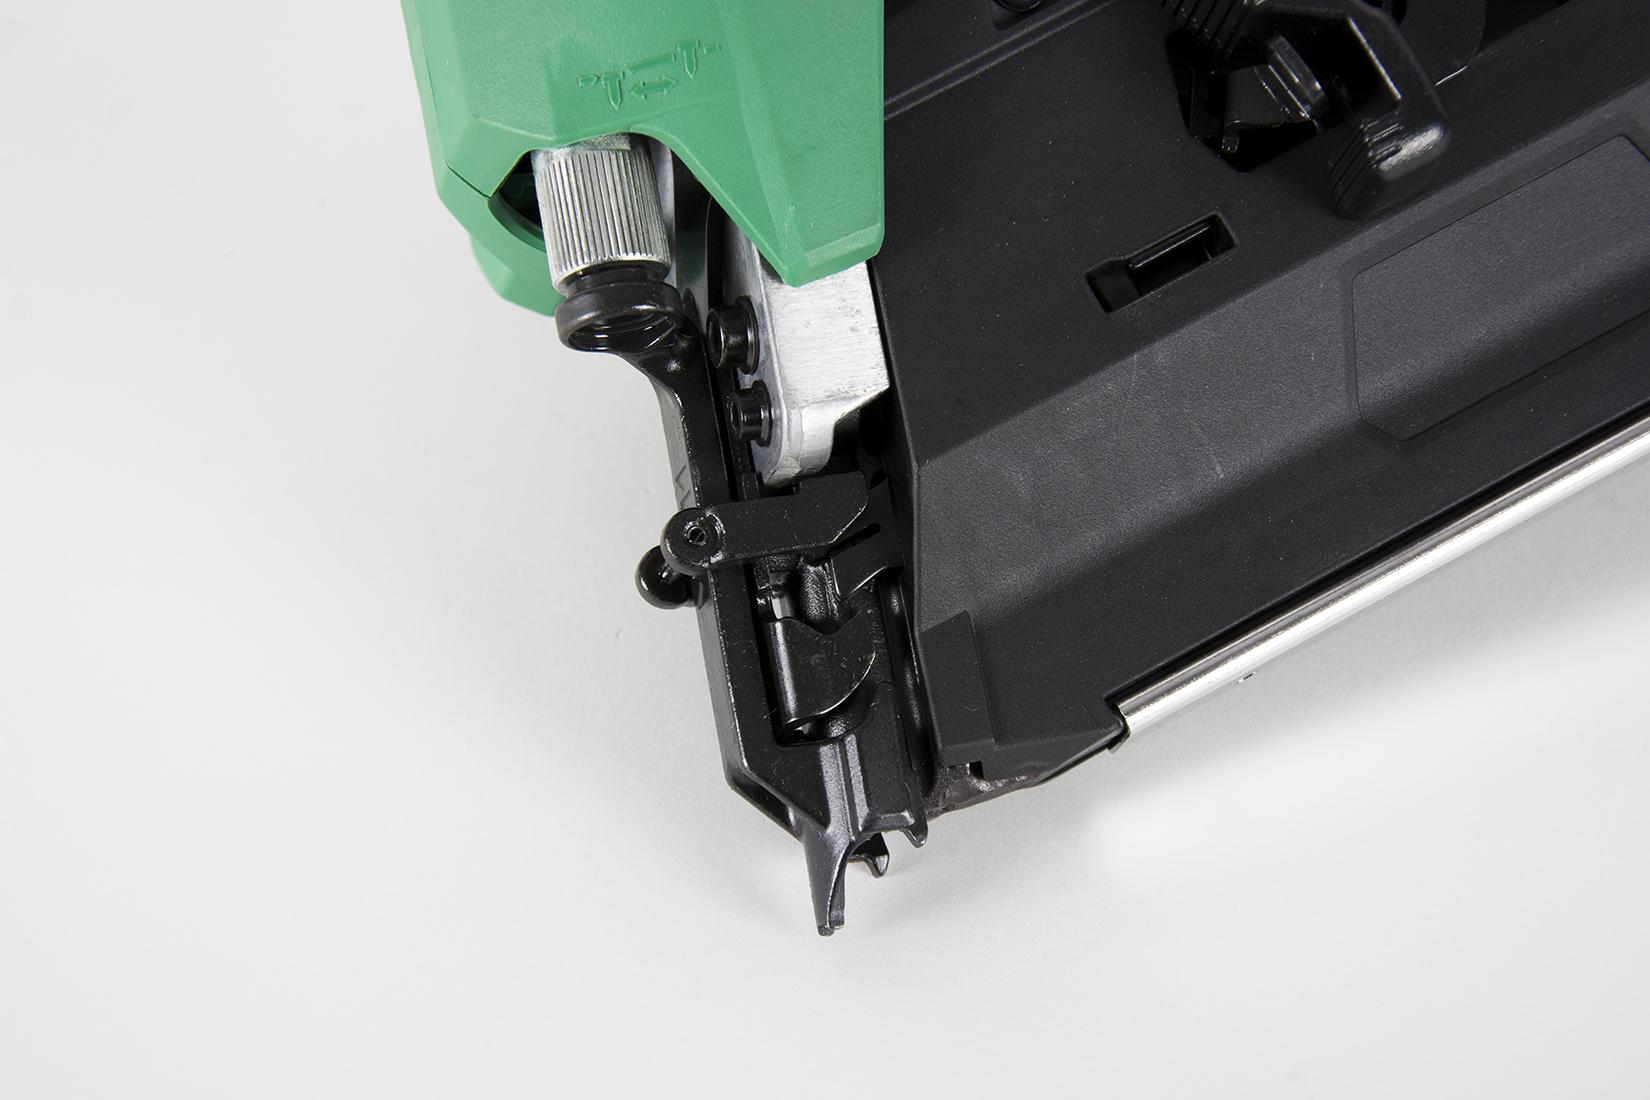 NR1890DRm Cordless Framing Nailer Detail 3